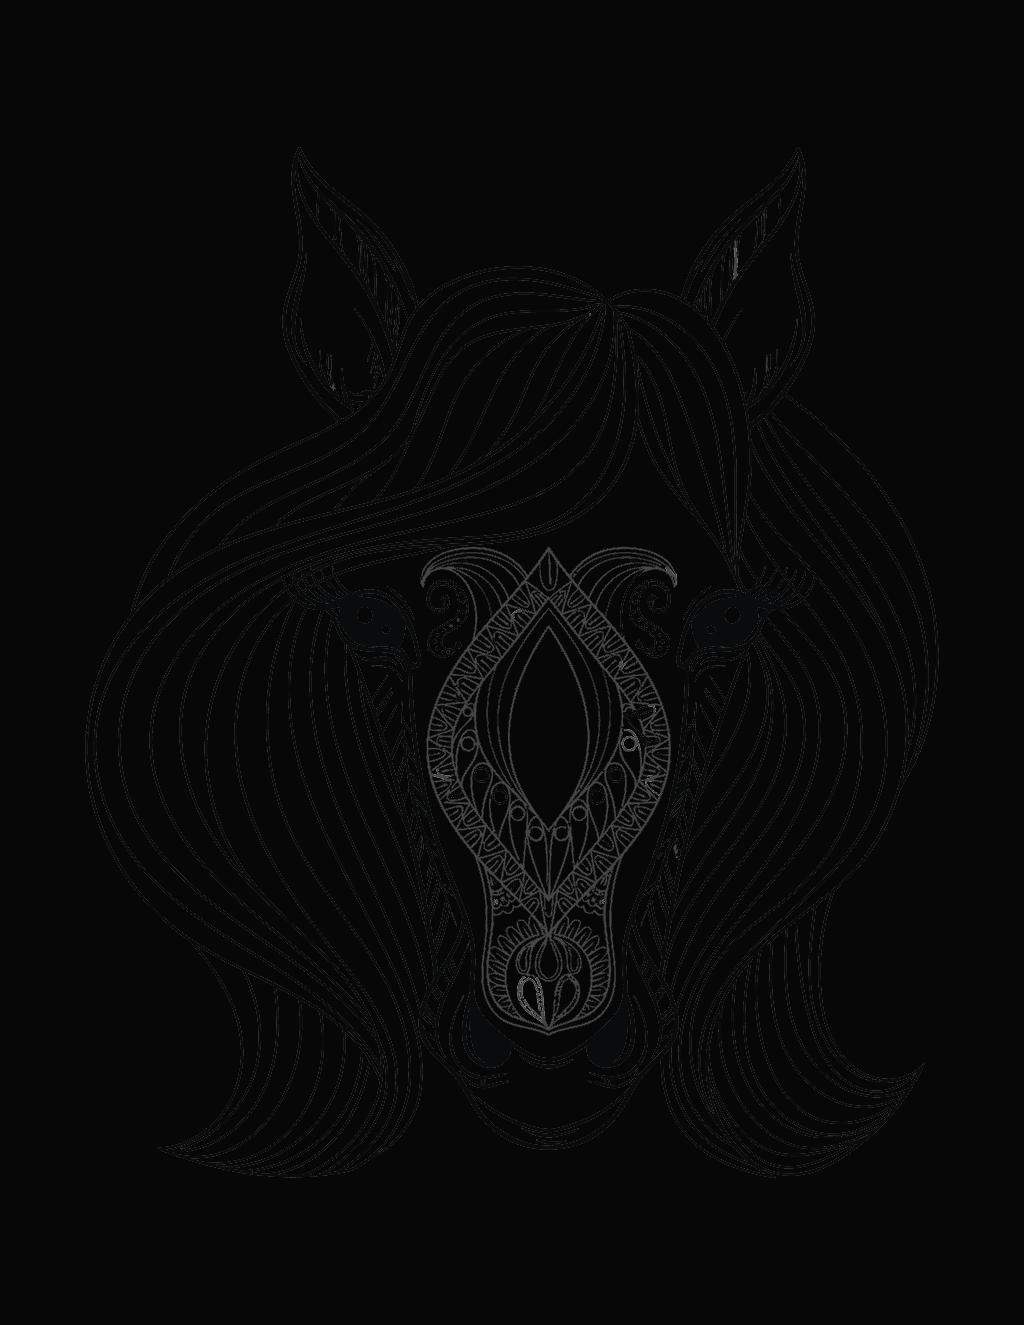 unicorn-kleurplaat-moeilijk-03